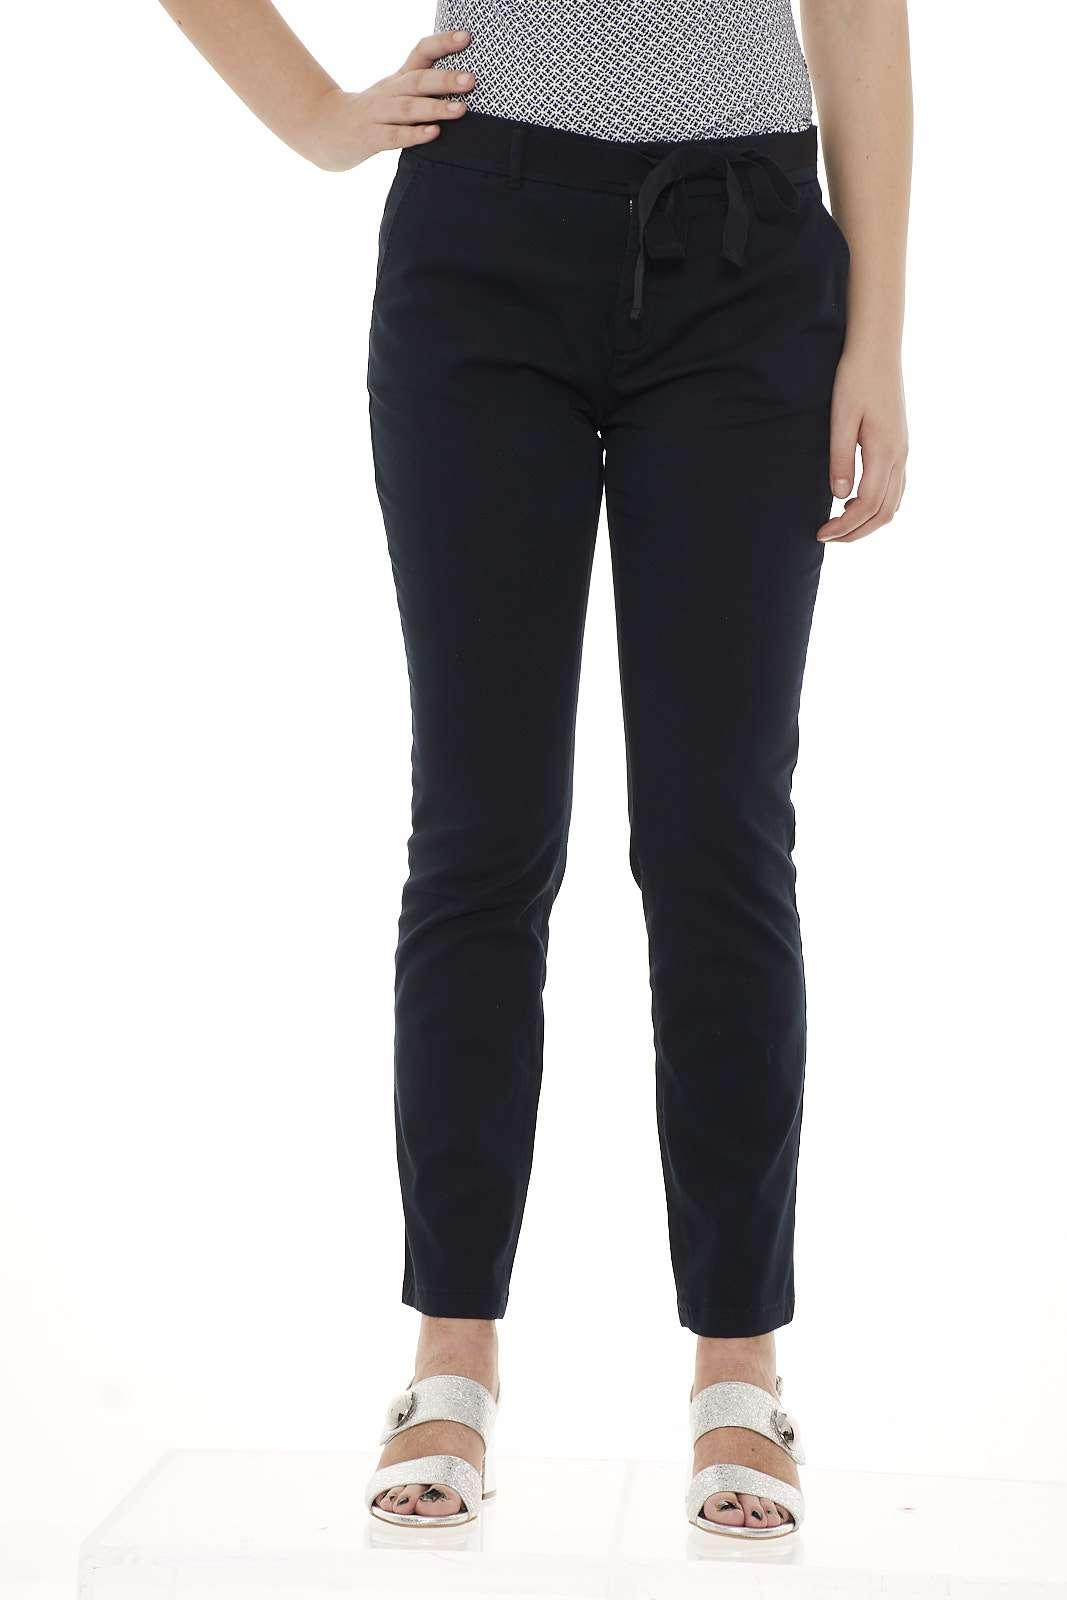 Audrey è il pantalone versatile per eccellenza della linea Max Mara, a sigaretta in gabardina stretch. La modella è alta 1.78m e indossa la taglia 42.